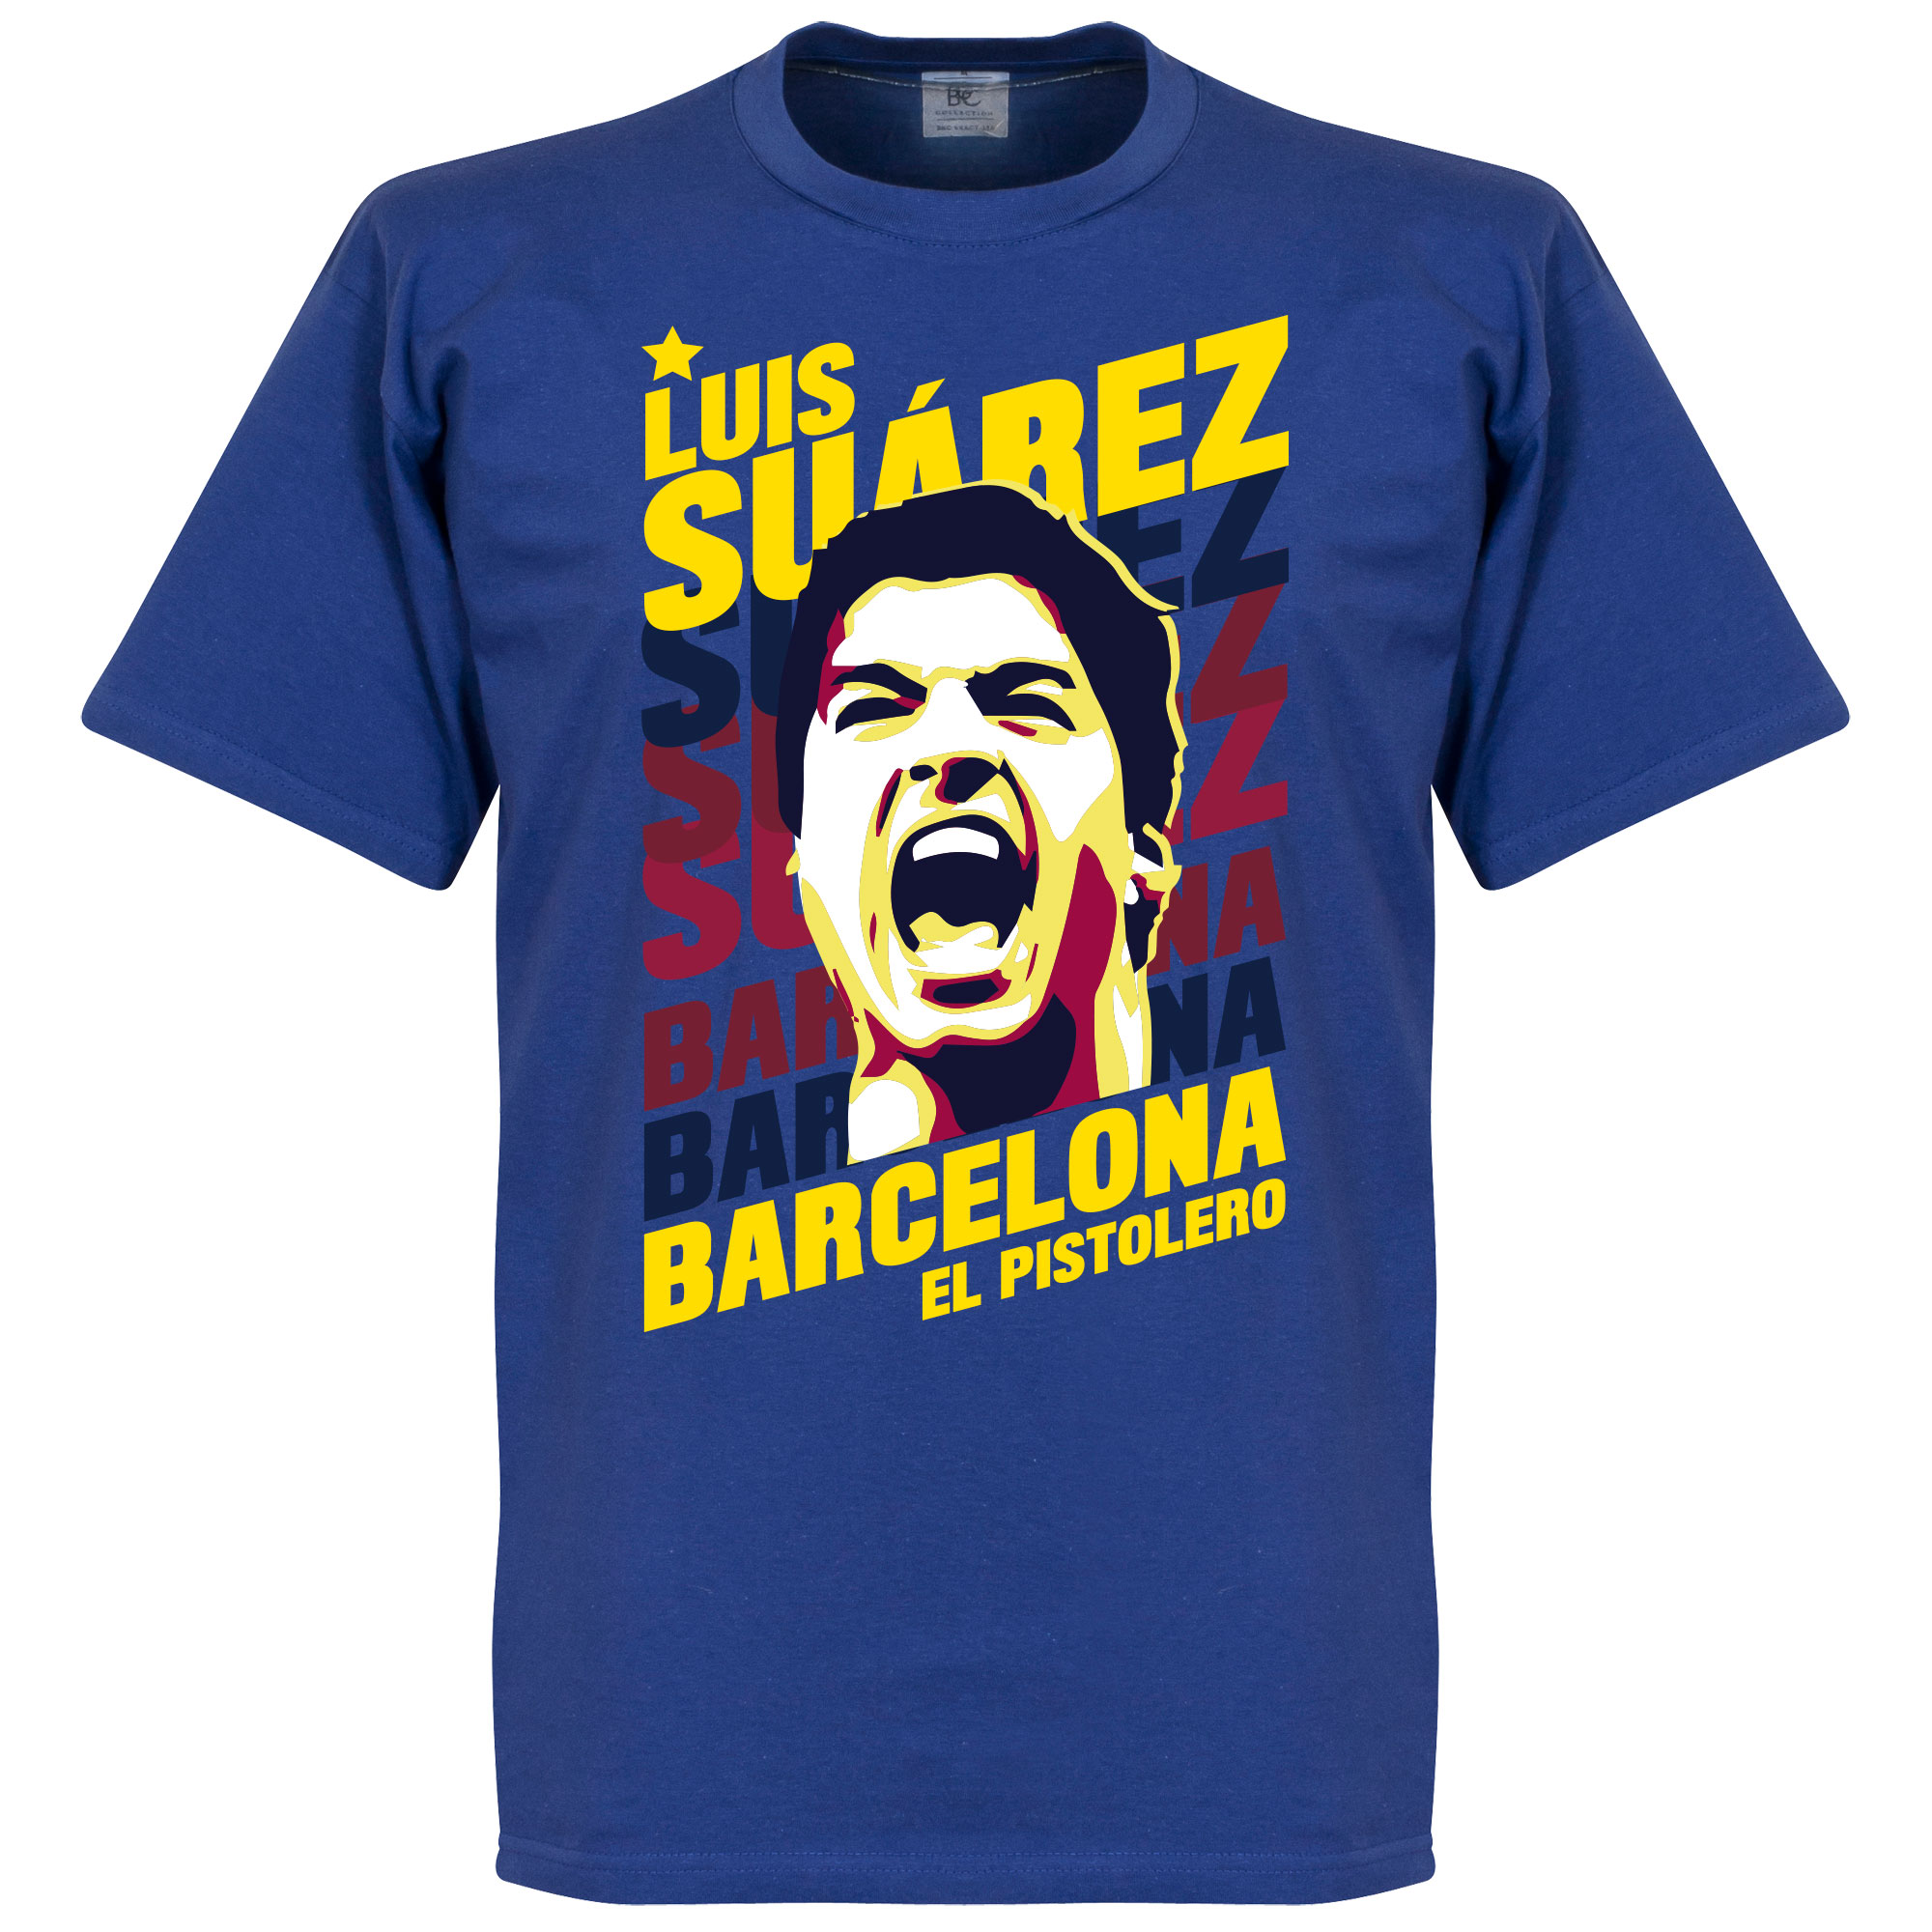 Luis Suarez Barcelona Portrait Tee - Royal - M